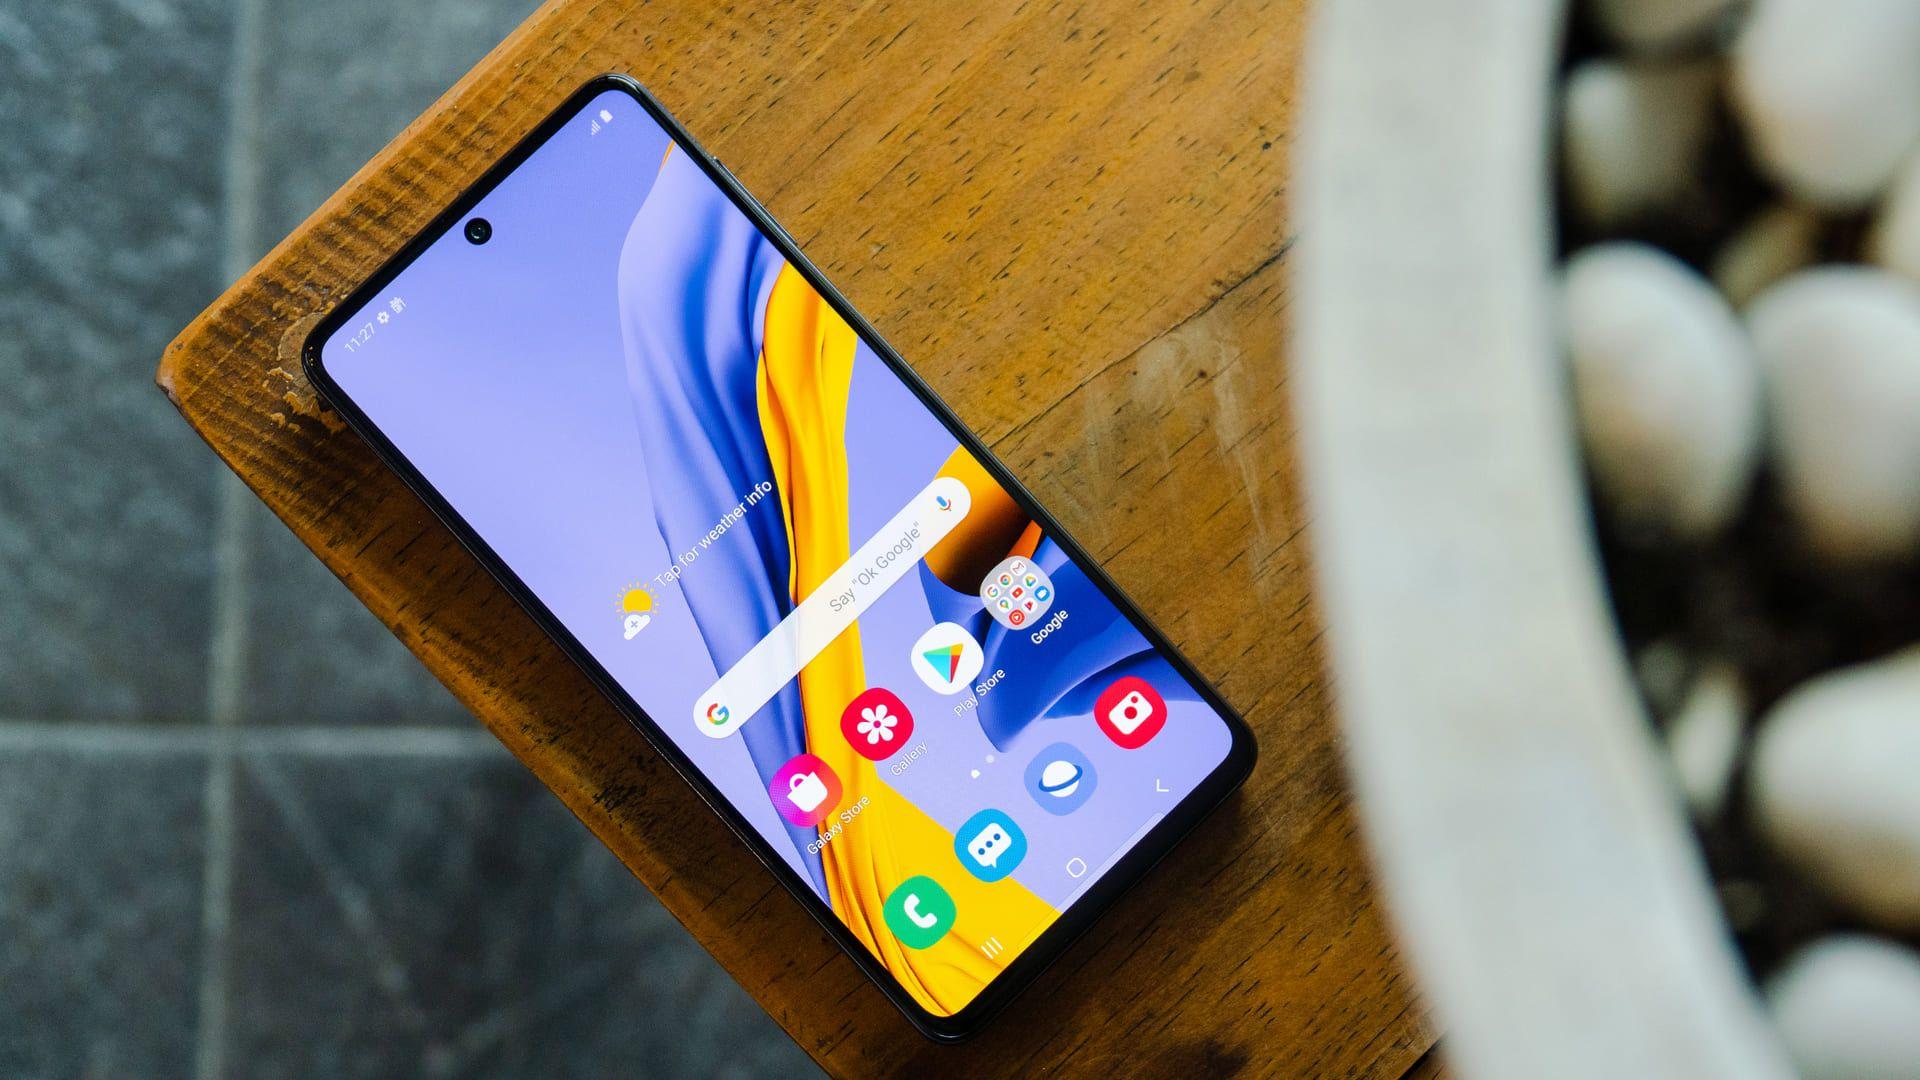 M51 vs A71: os dois celulares possuem tela AMOLED com resolução Full HD (Foto: Shutterstock)